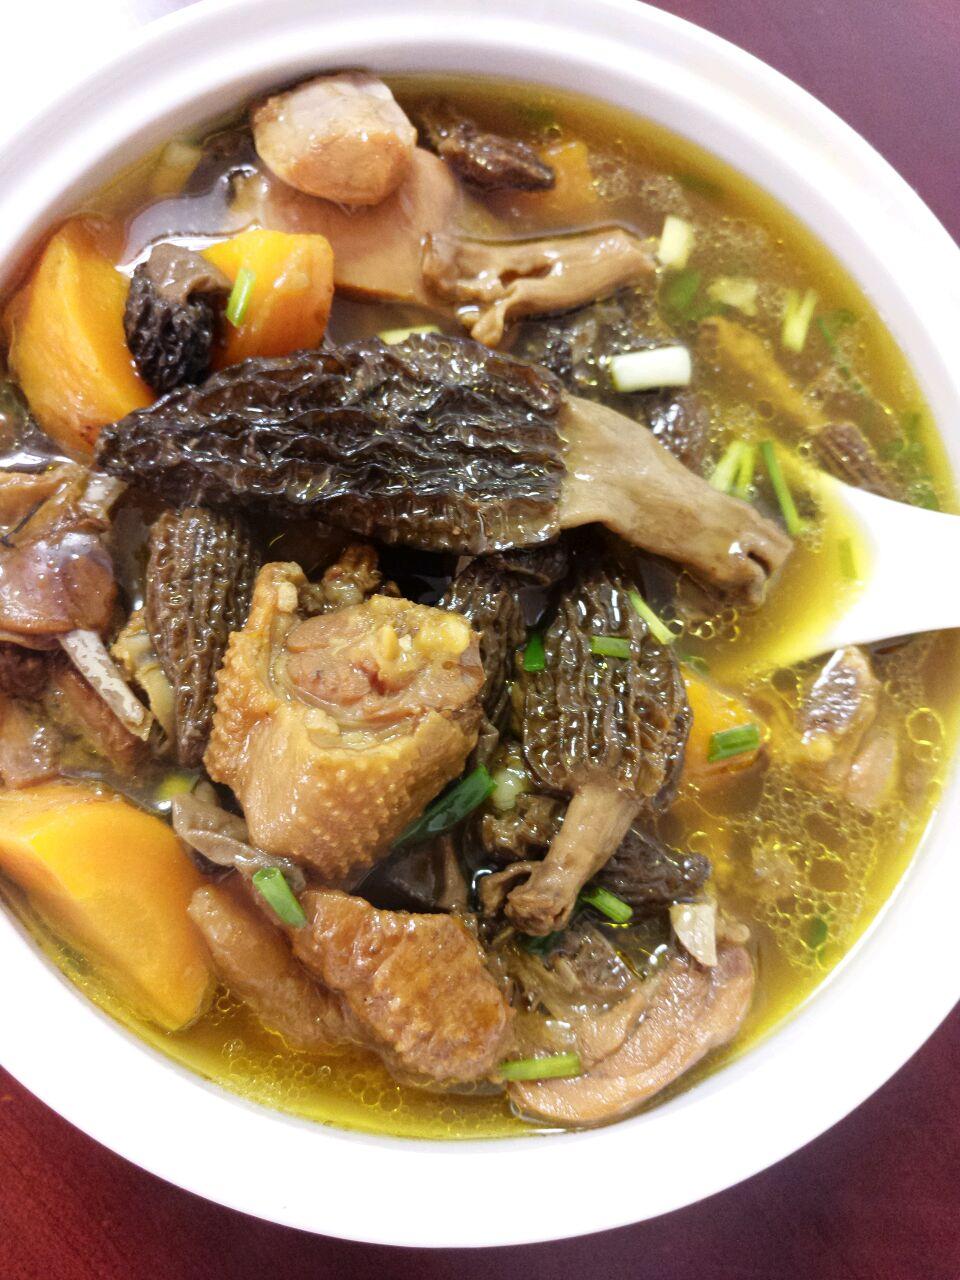 西藏羊肚菌_西藏野生羊肚菌炖土鸡的做法_菜谱_豆果美食